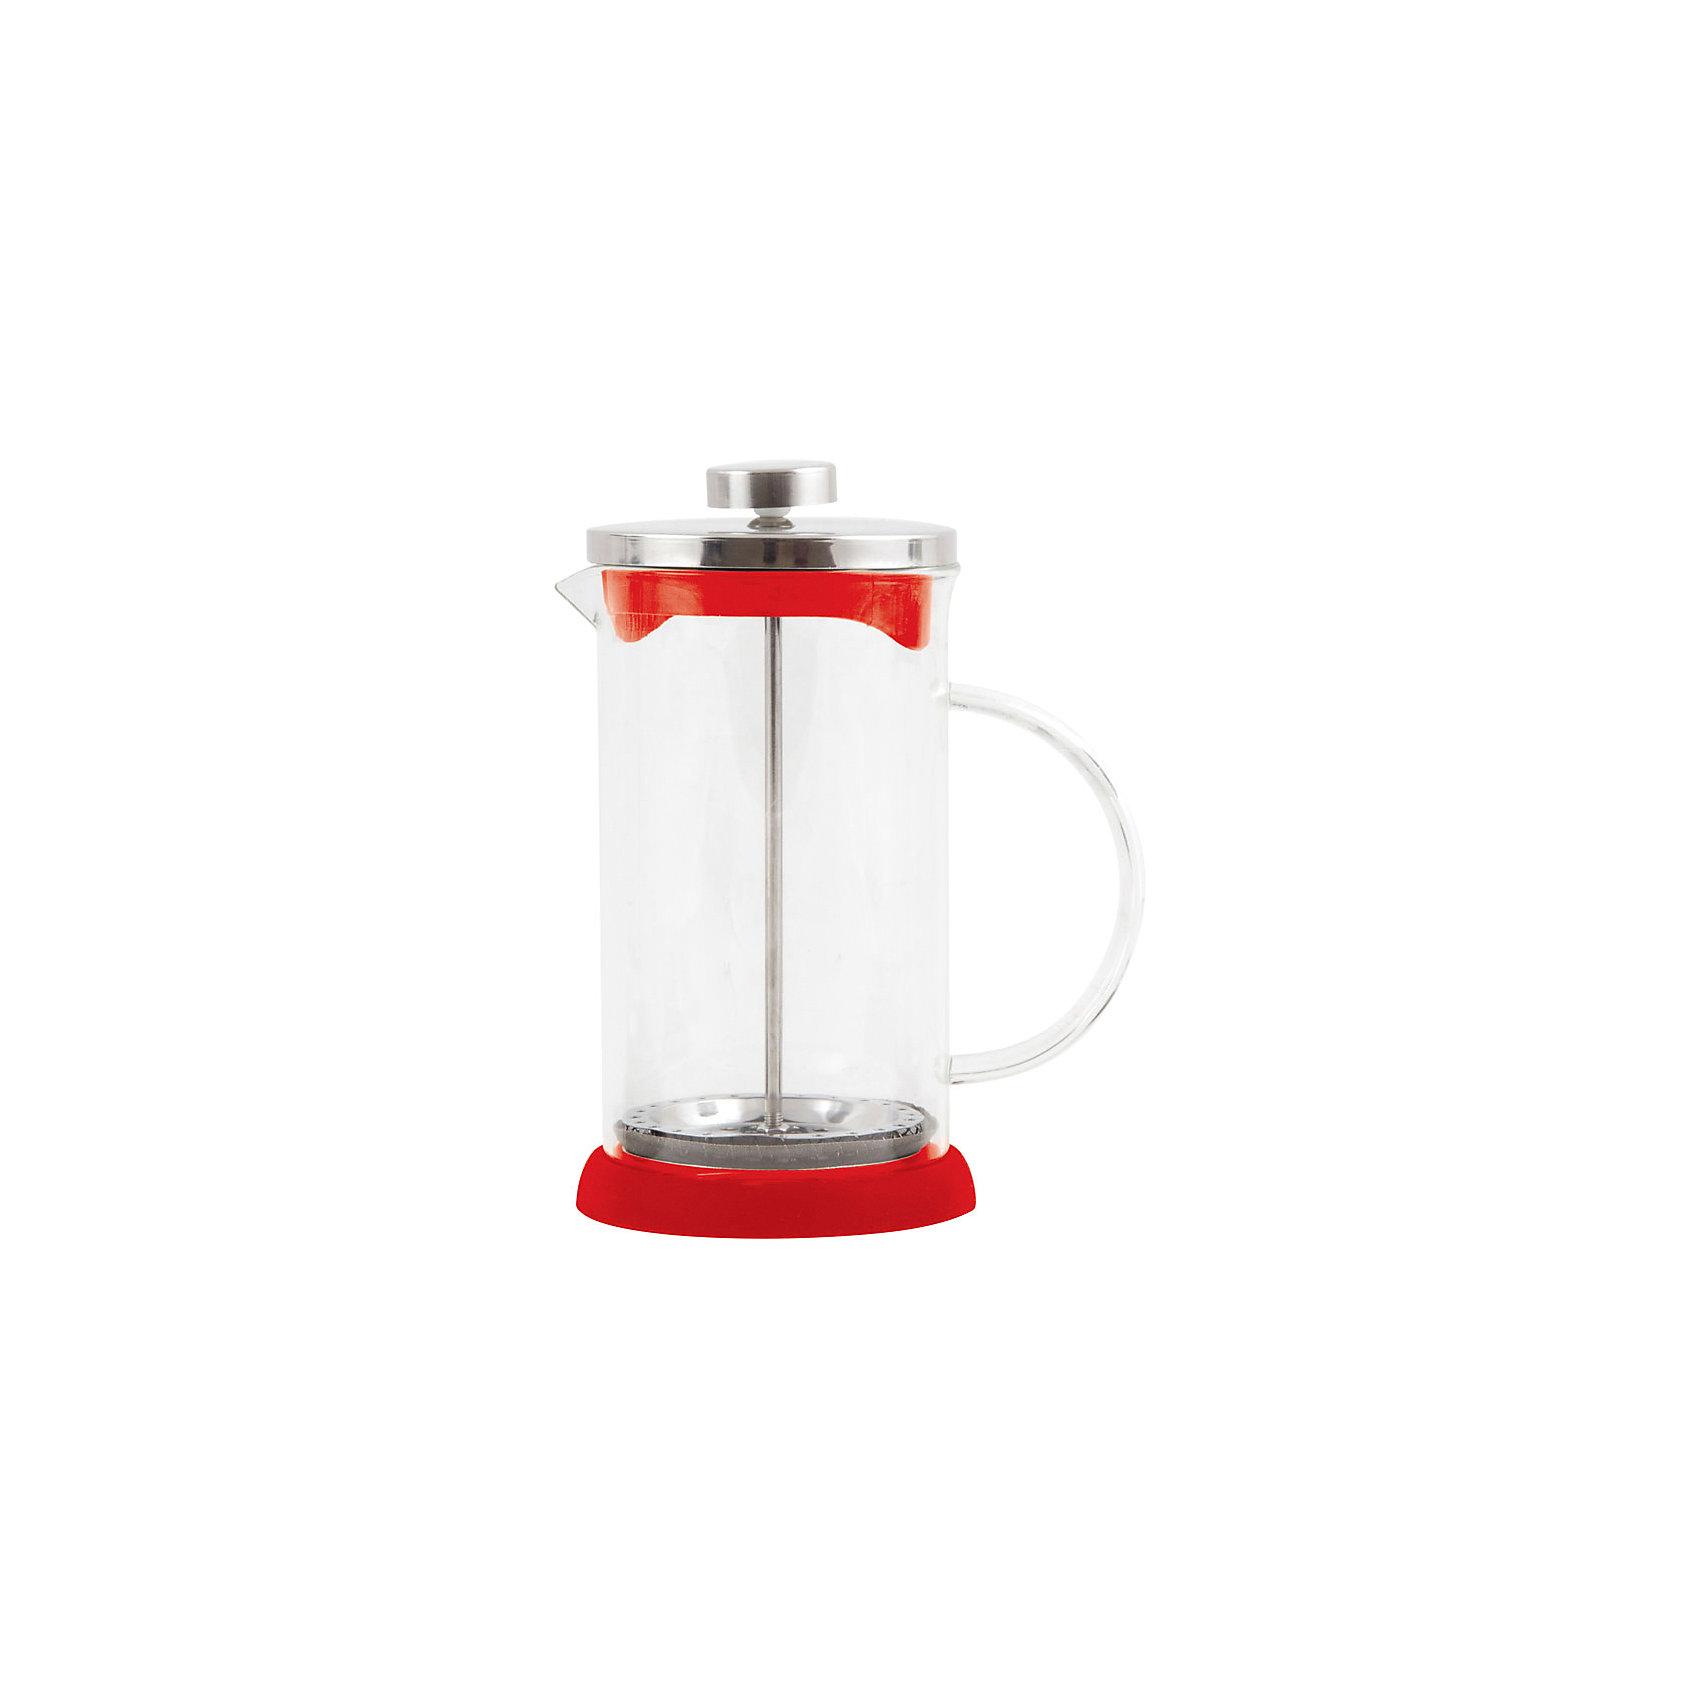 Кофе-пресс стеклянный GFP01-600ML-R, Mallony, красныйБытовая техника для кухни<br>Заварить чай или подать кофе – кофе-пресс Mallony поможет в этом. Прозрачная стеклянная колба дает возможность увидеть насыщенный цвет чая, рассмотреть, как раскрываются чайные листья, набухают и отдают свой цвет, наполняя кухню ароматом свежеприготовленного напитка. После того, как чай настоится, специальный пресс опускается, листья плотно прижимаются ко дну чайника, чаинки не попадают в чашку.<br><br>Дополнительная информация:<br><br>Высота чайника: 19,3 см<br>Объем: 600 мл<br><br>Материал: стекло, нержавеющая сталь, силикон, пластик.<br><br>Упаковка: цветная индивидуальная коробка.<br><br>Кофе-пресс стеклянный GFP01-600ML-R, Mallony, красный можно купить в нашем интернет-магазине.<br><br>Ширина мм: 148<br>Глубина мм: 98<br>Высота мм: 186<br>Вес г: 462<br>Возраст от месяцев: 216<br>Возраст до месяцев: 1080<br>Пол: Унисекс<br>Возраст: Детский<br>SKU: 4989860